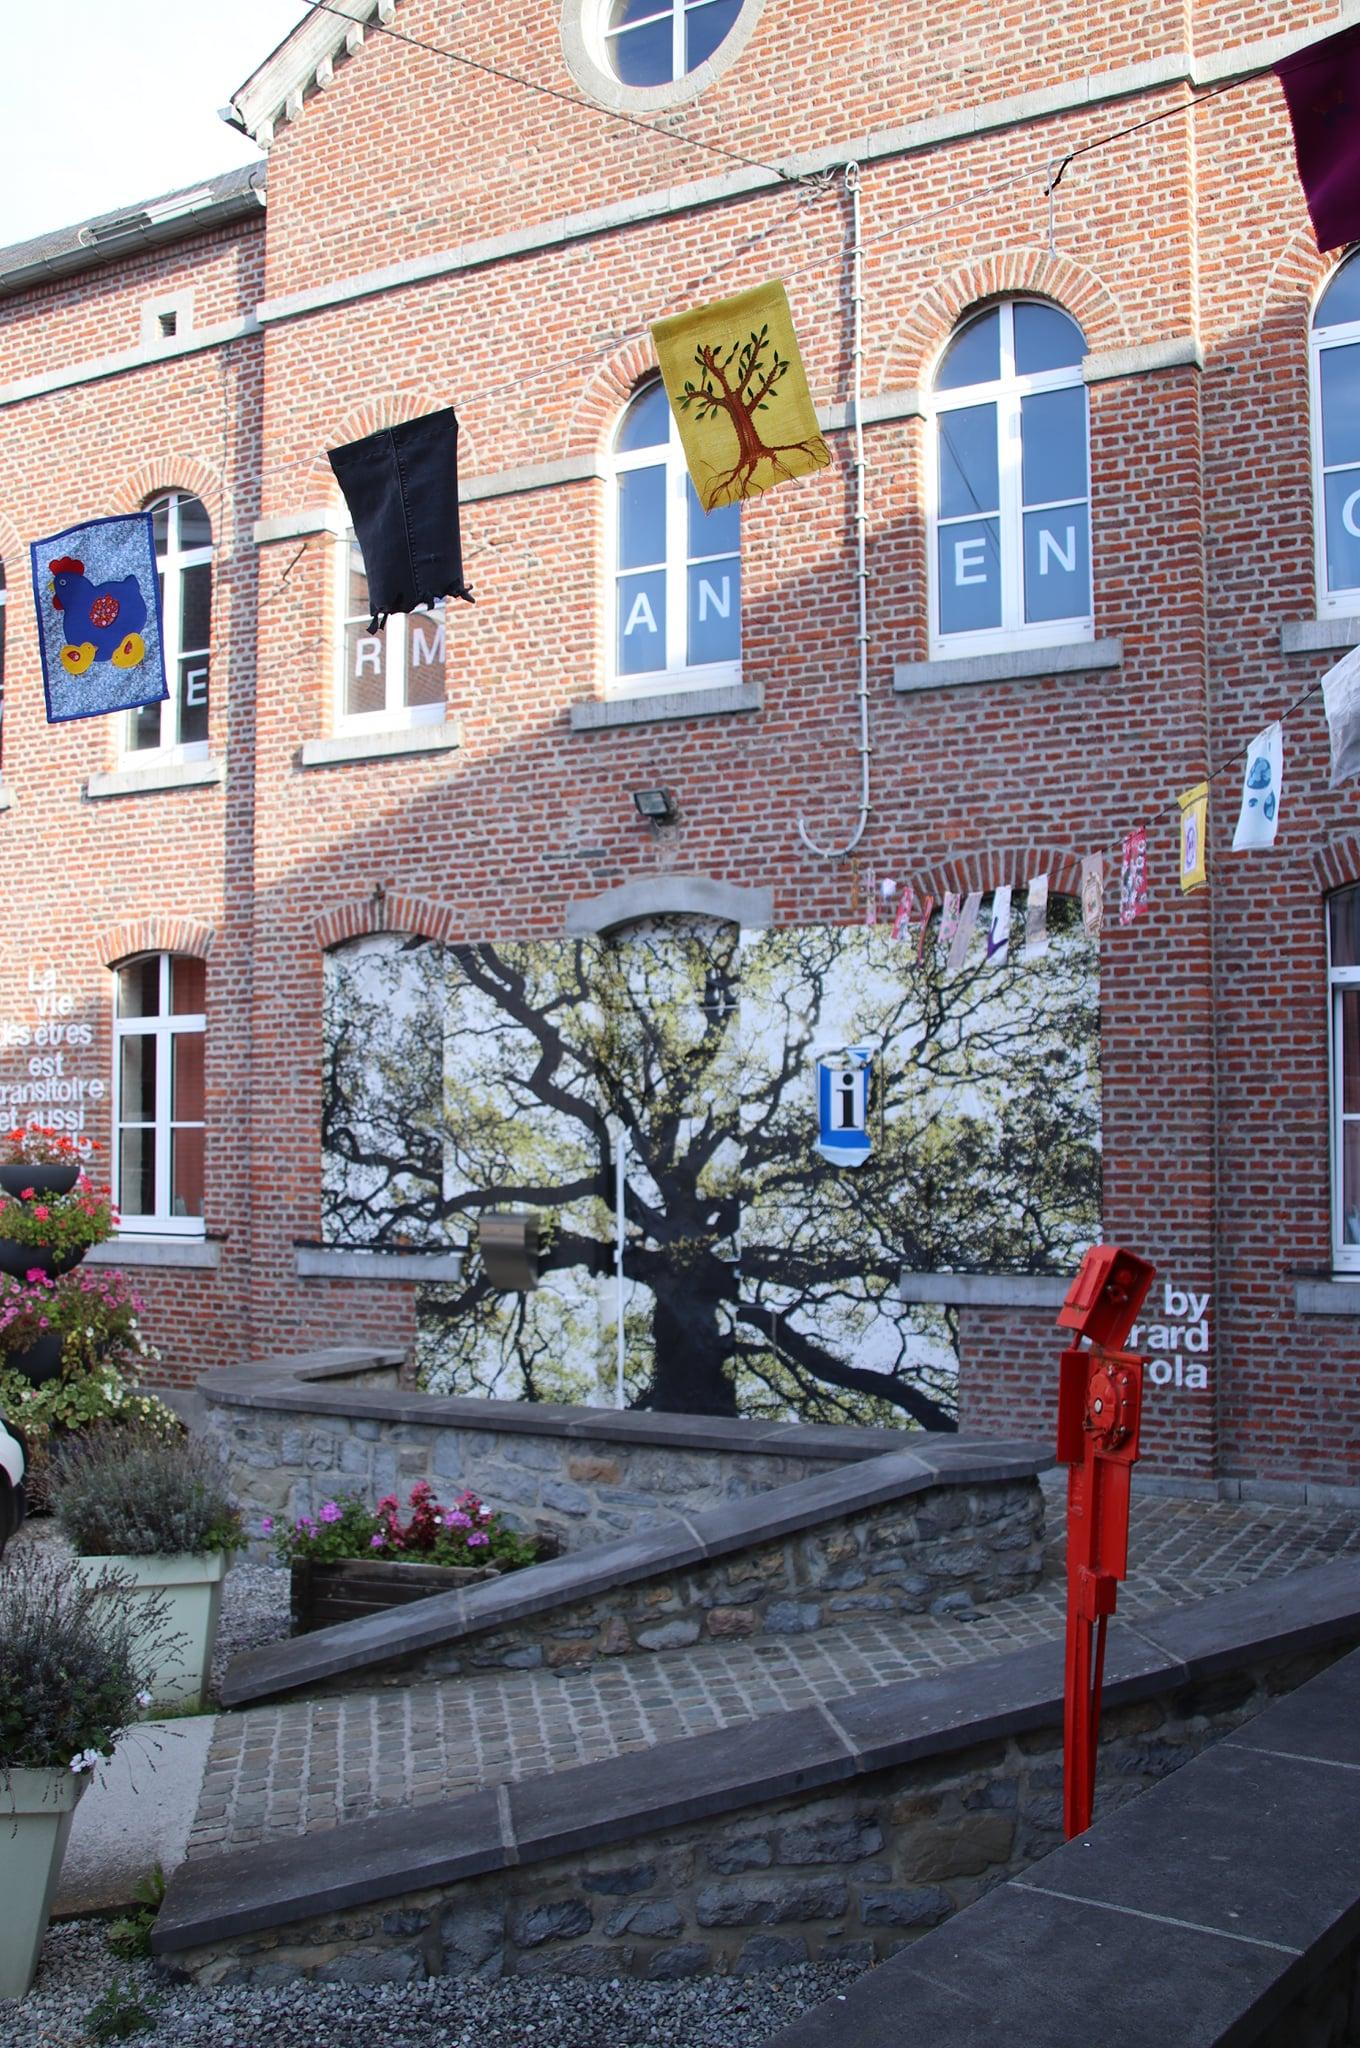 Près de 300 fanions ont été réalisés par des citoyens et installés durant le mois de septembre 2021 dans les rues de Walcourt ©Vincianne Gouttebarge